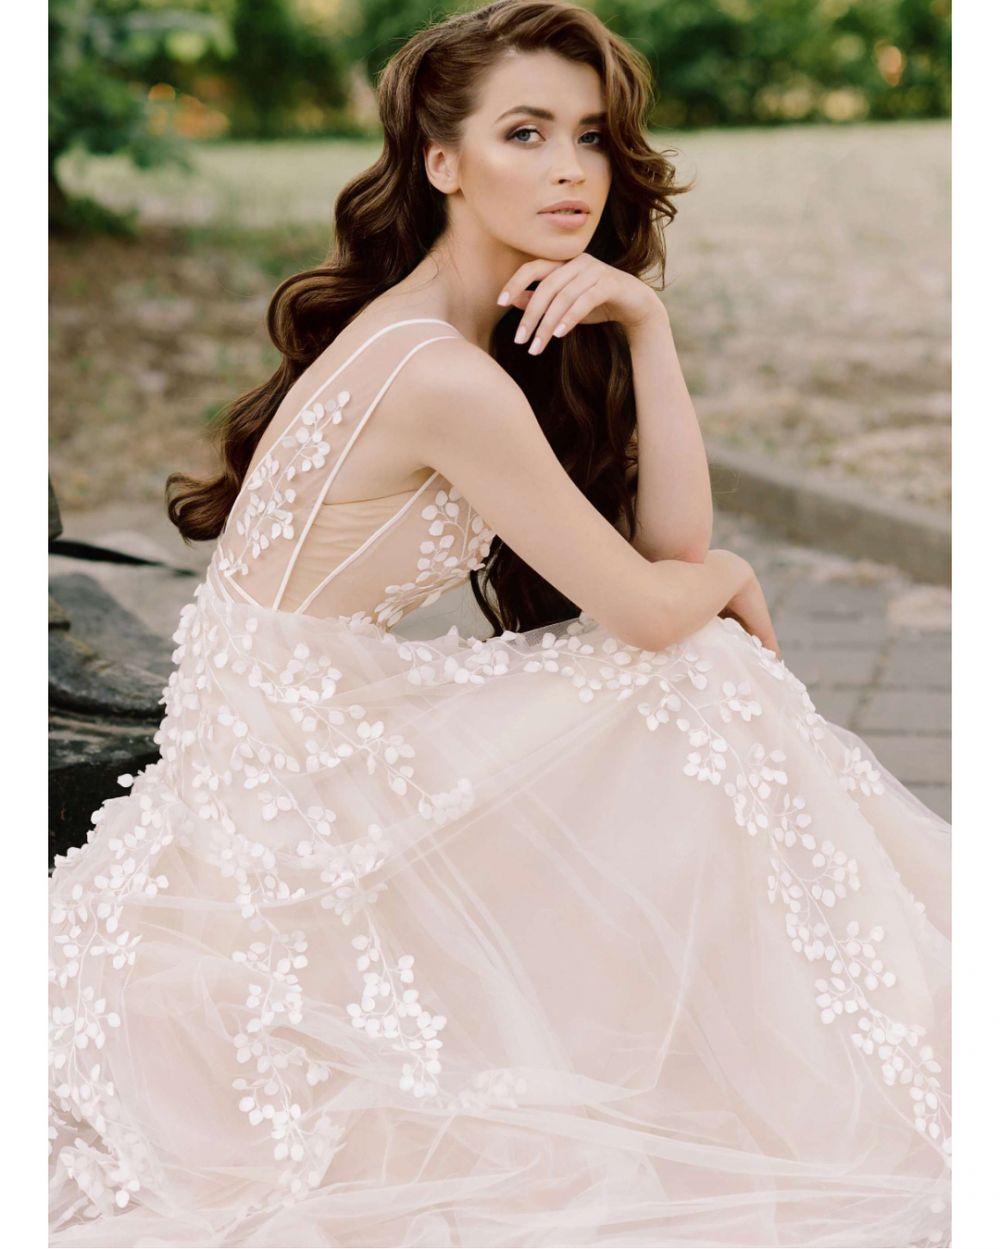 b225275224f Белорусский Дом моды Papilio уже более 15 лет заслуженно занимает свою нишу  в свадебной индустрии. В уютном салоне на Большой Полянке вам помогут ...